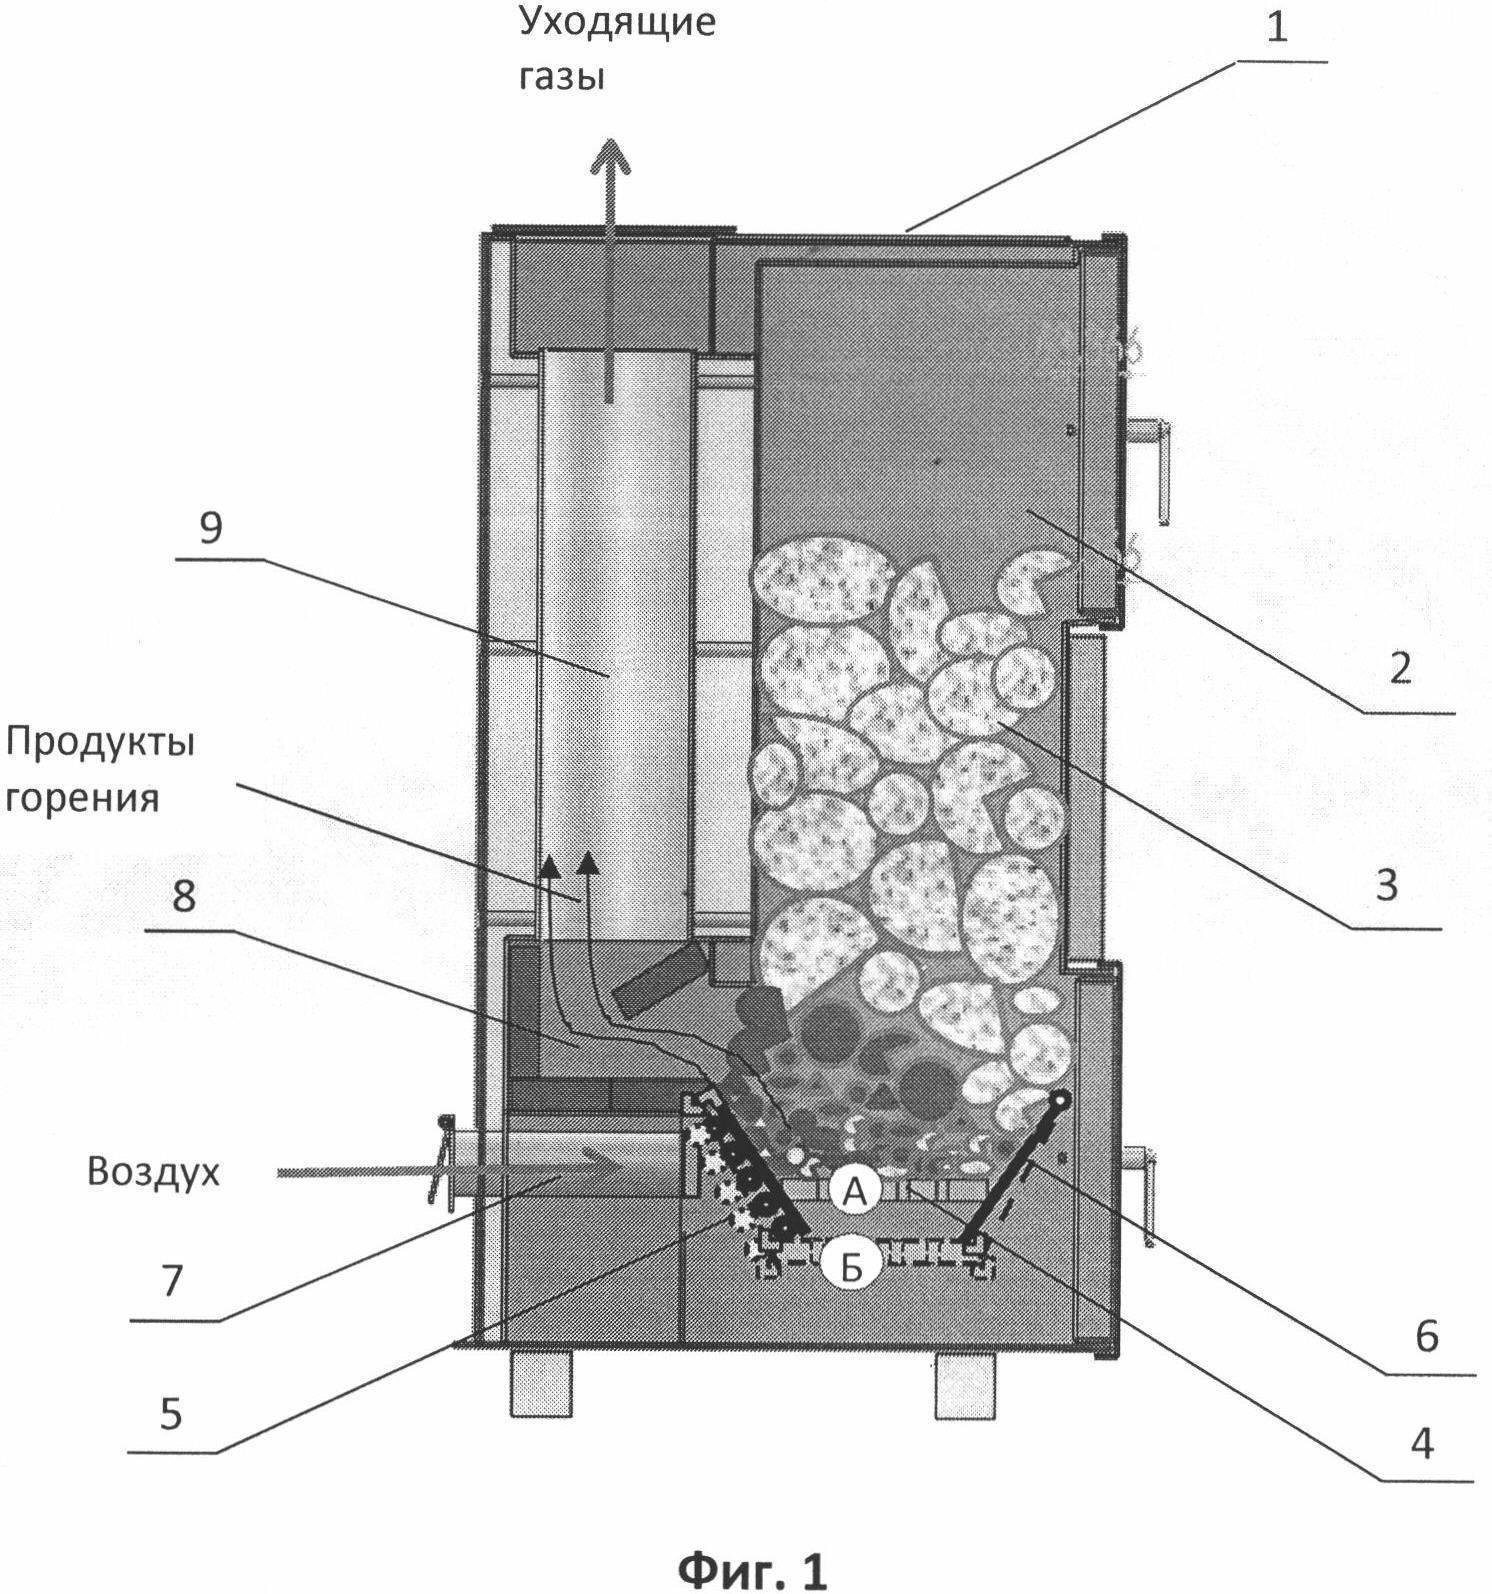 Пиролизный котел: выбираем модель длительного горения с водяным контуром, как сделать своими руками, чертежи и принцип работы